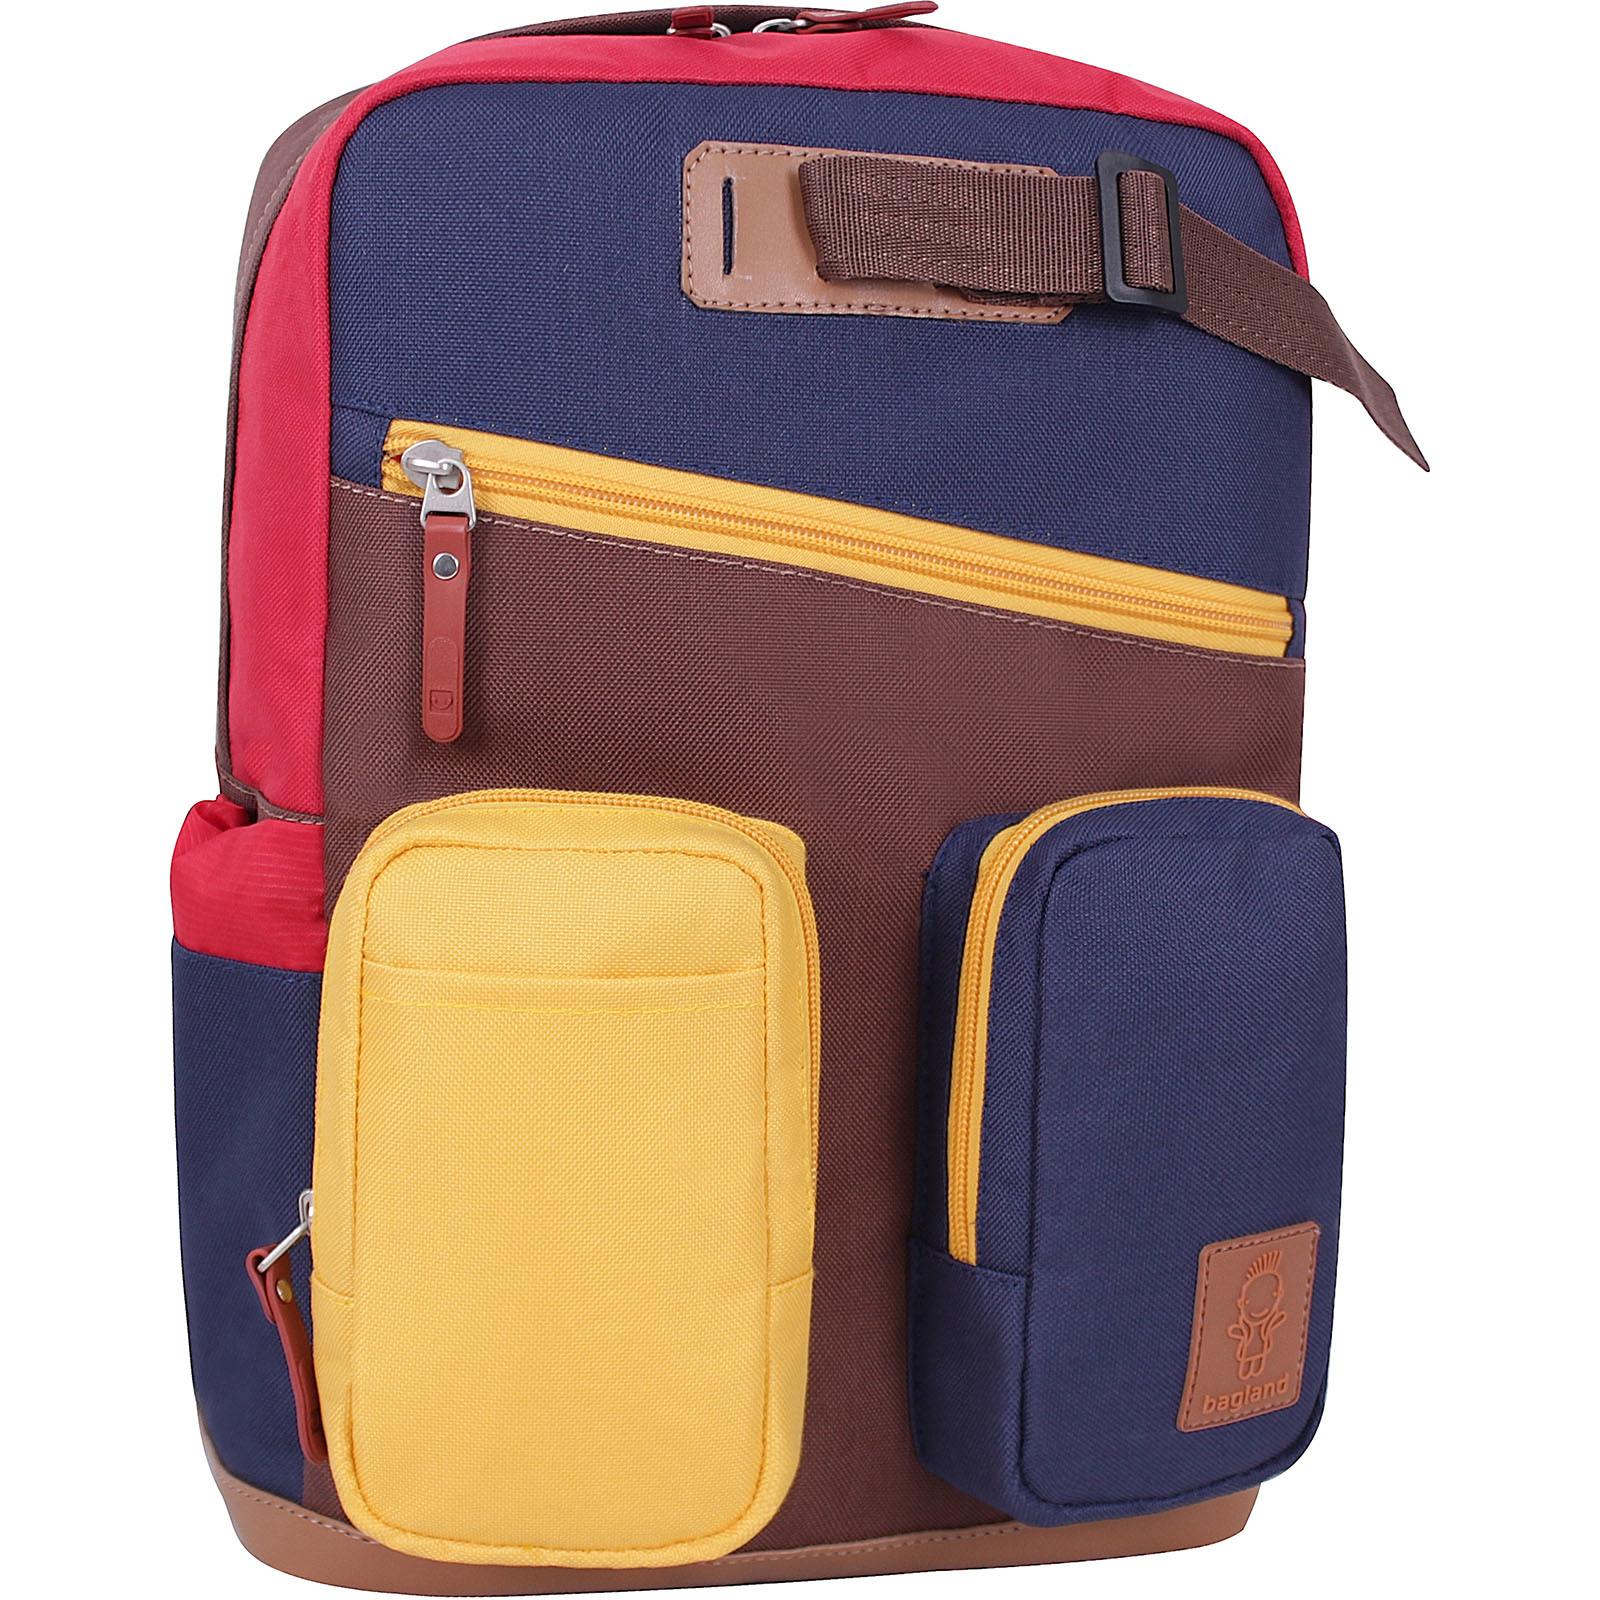 Городские рюкзаки Рюкзак Bagland Atlant 10 л. Коричневый (0052066) IMG_9154.JPG